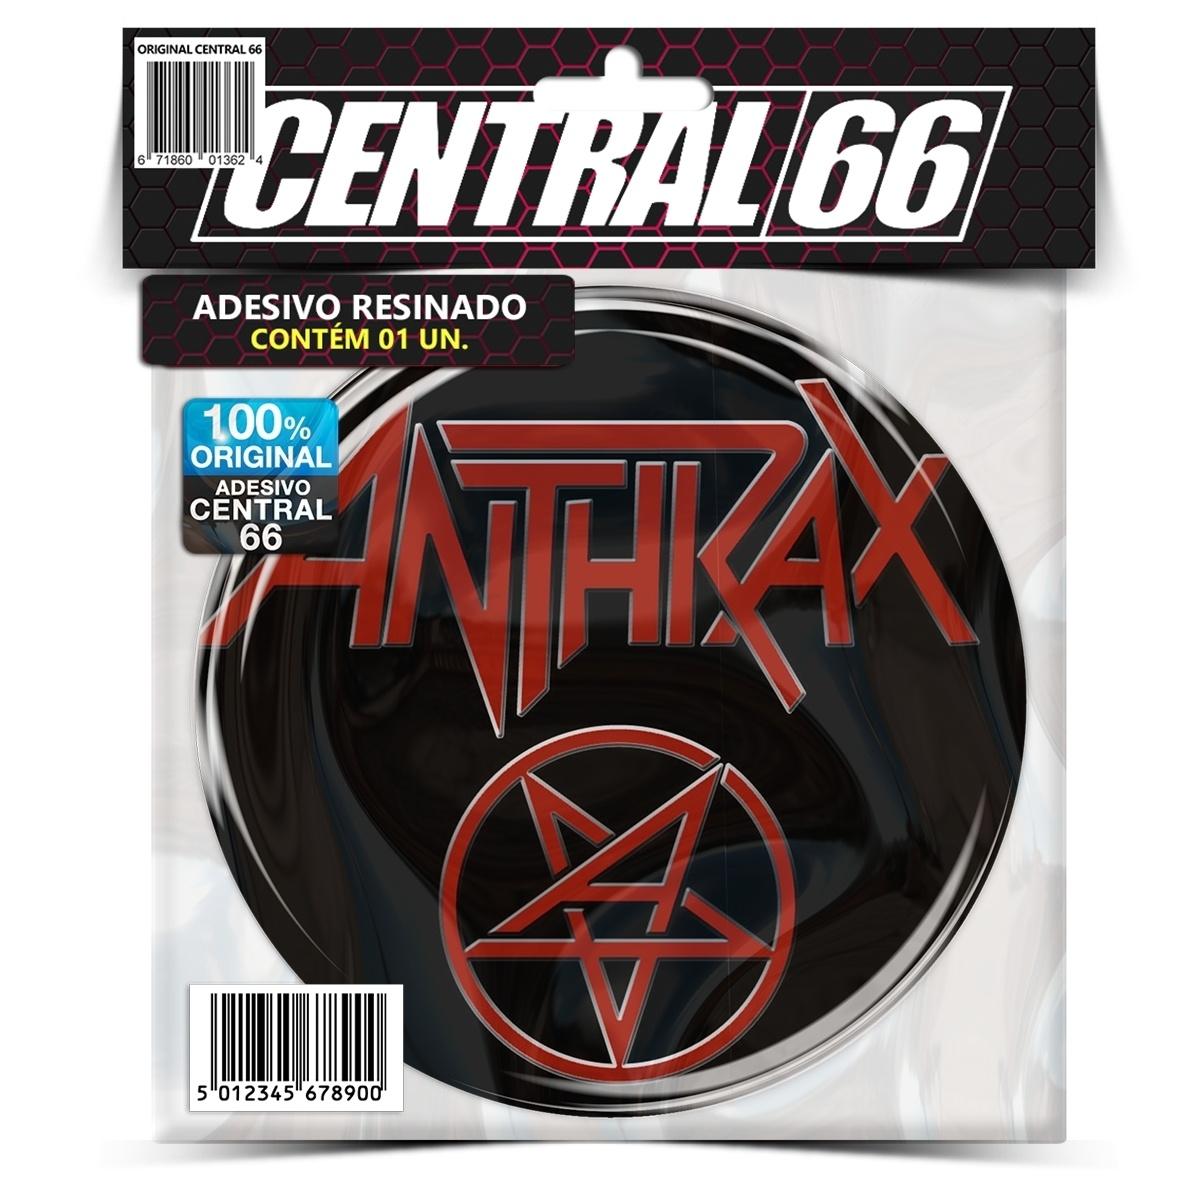 Adesivo Redondo Anthrax Pentagrama – Central 66